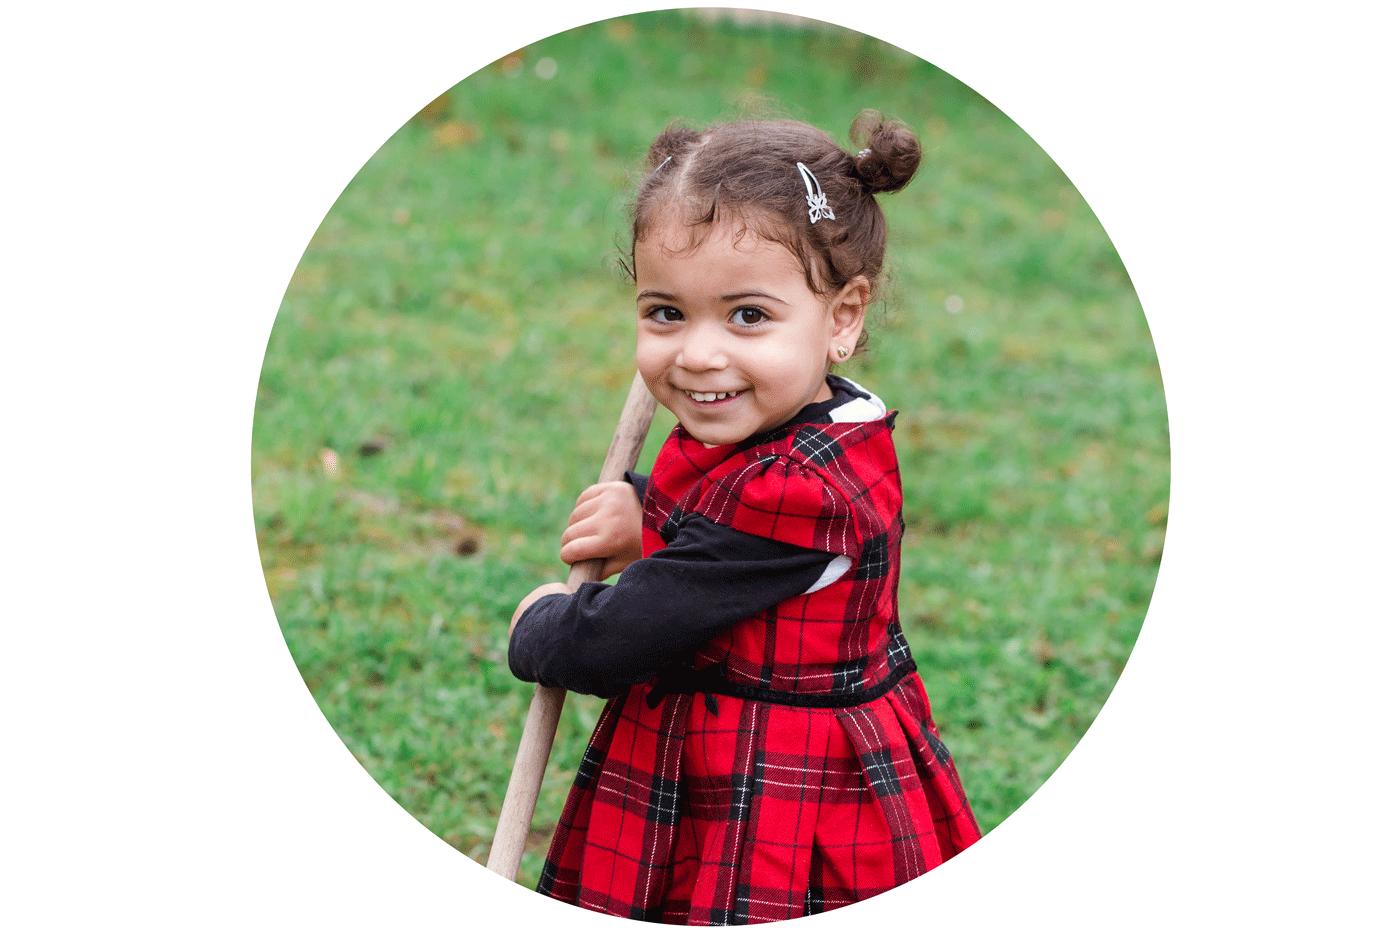 Natürliche Kindergartenfotografie im Kindergarten, Schulfotografie in der Natur, natürliche Schulfotos, Einschulungsfotos mal anders, lebendige Kinderfotos im Kindergarten oder Schule von Fotografin Eva Wegerle in Mainz für Frankfurt und Umgebung